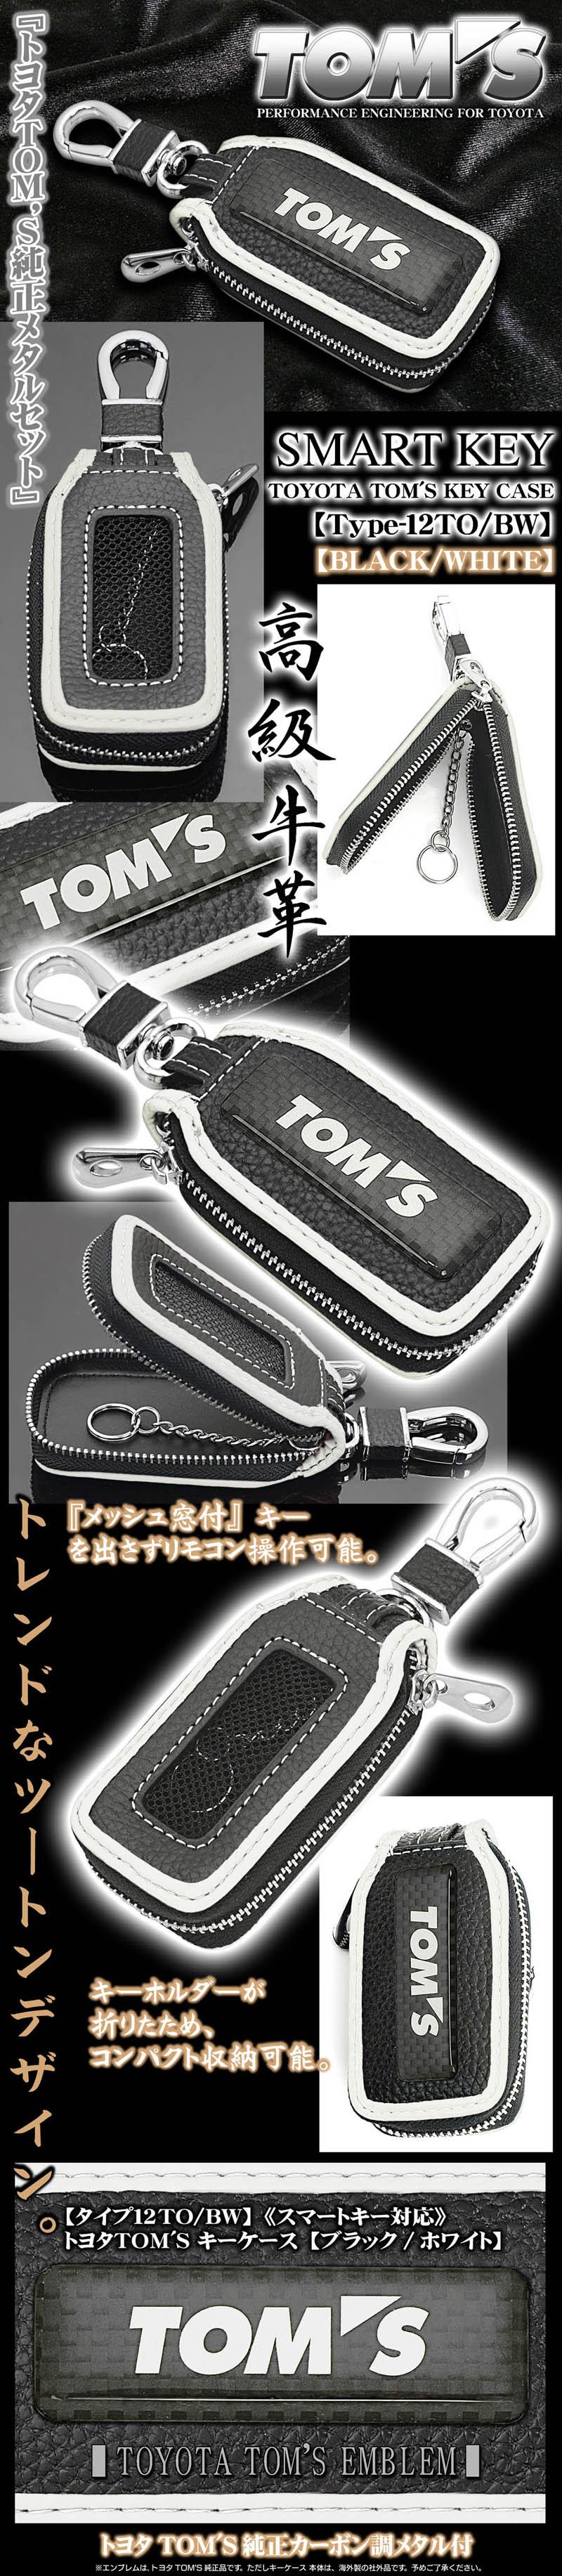 【タイプ12TO/BW】トヨタTOM'Sキーケース《ブラック/ホワイト》トムス純正カーボン調エンブレム,キーホルダー,窓付/スマートキー対応/牛革製/ブラガ